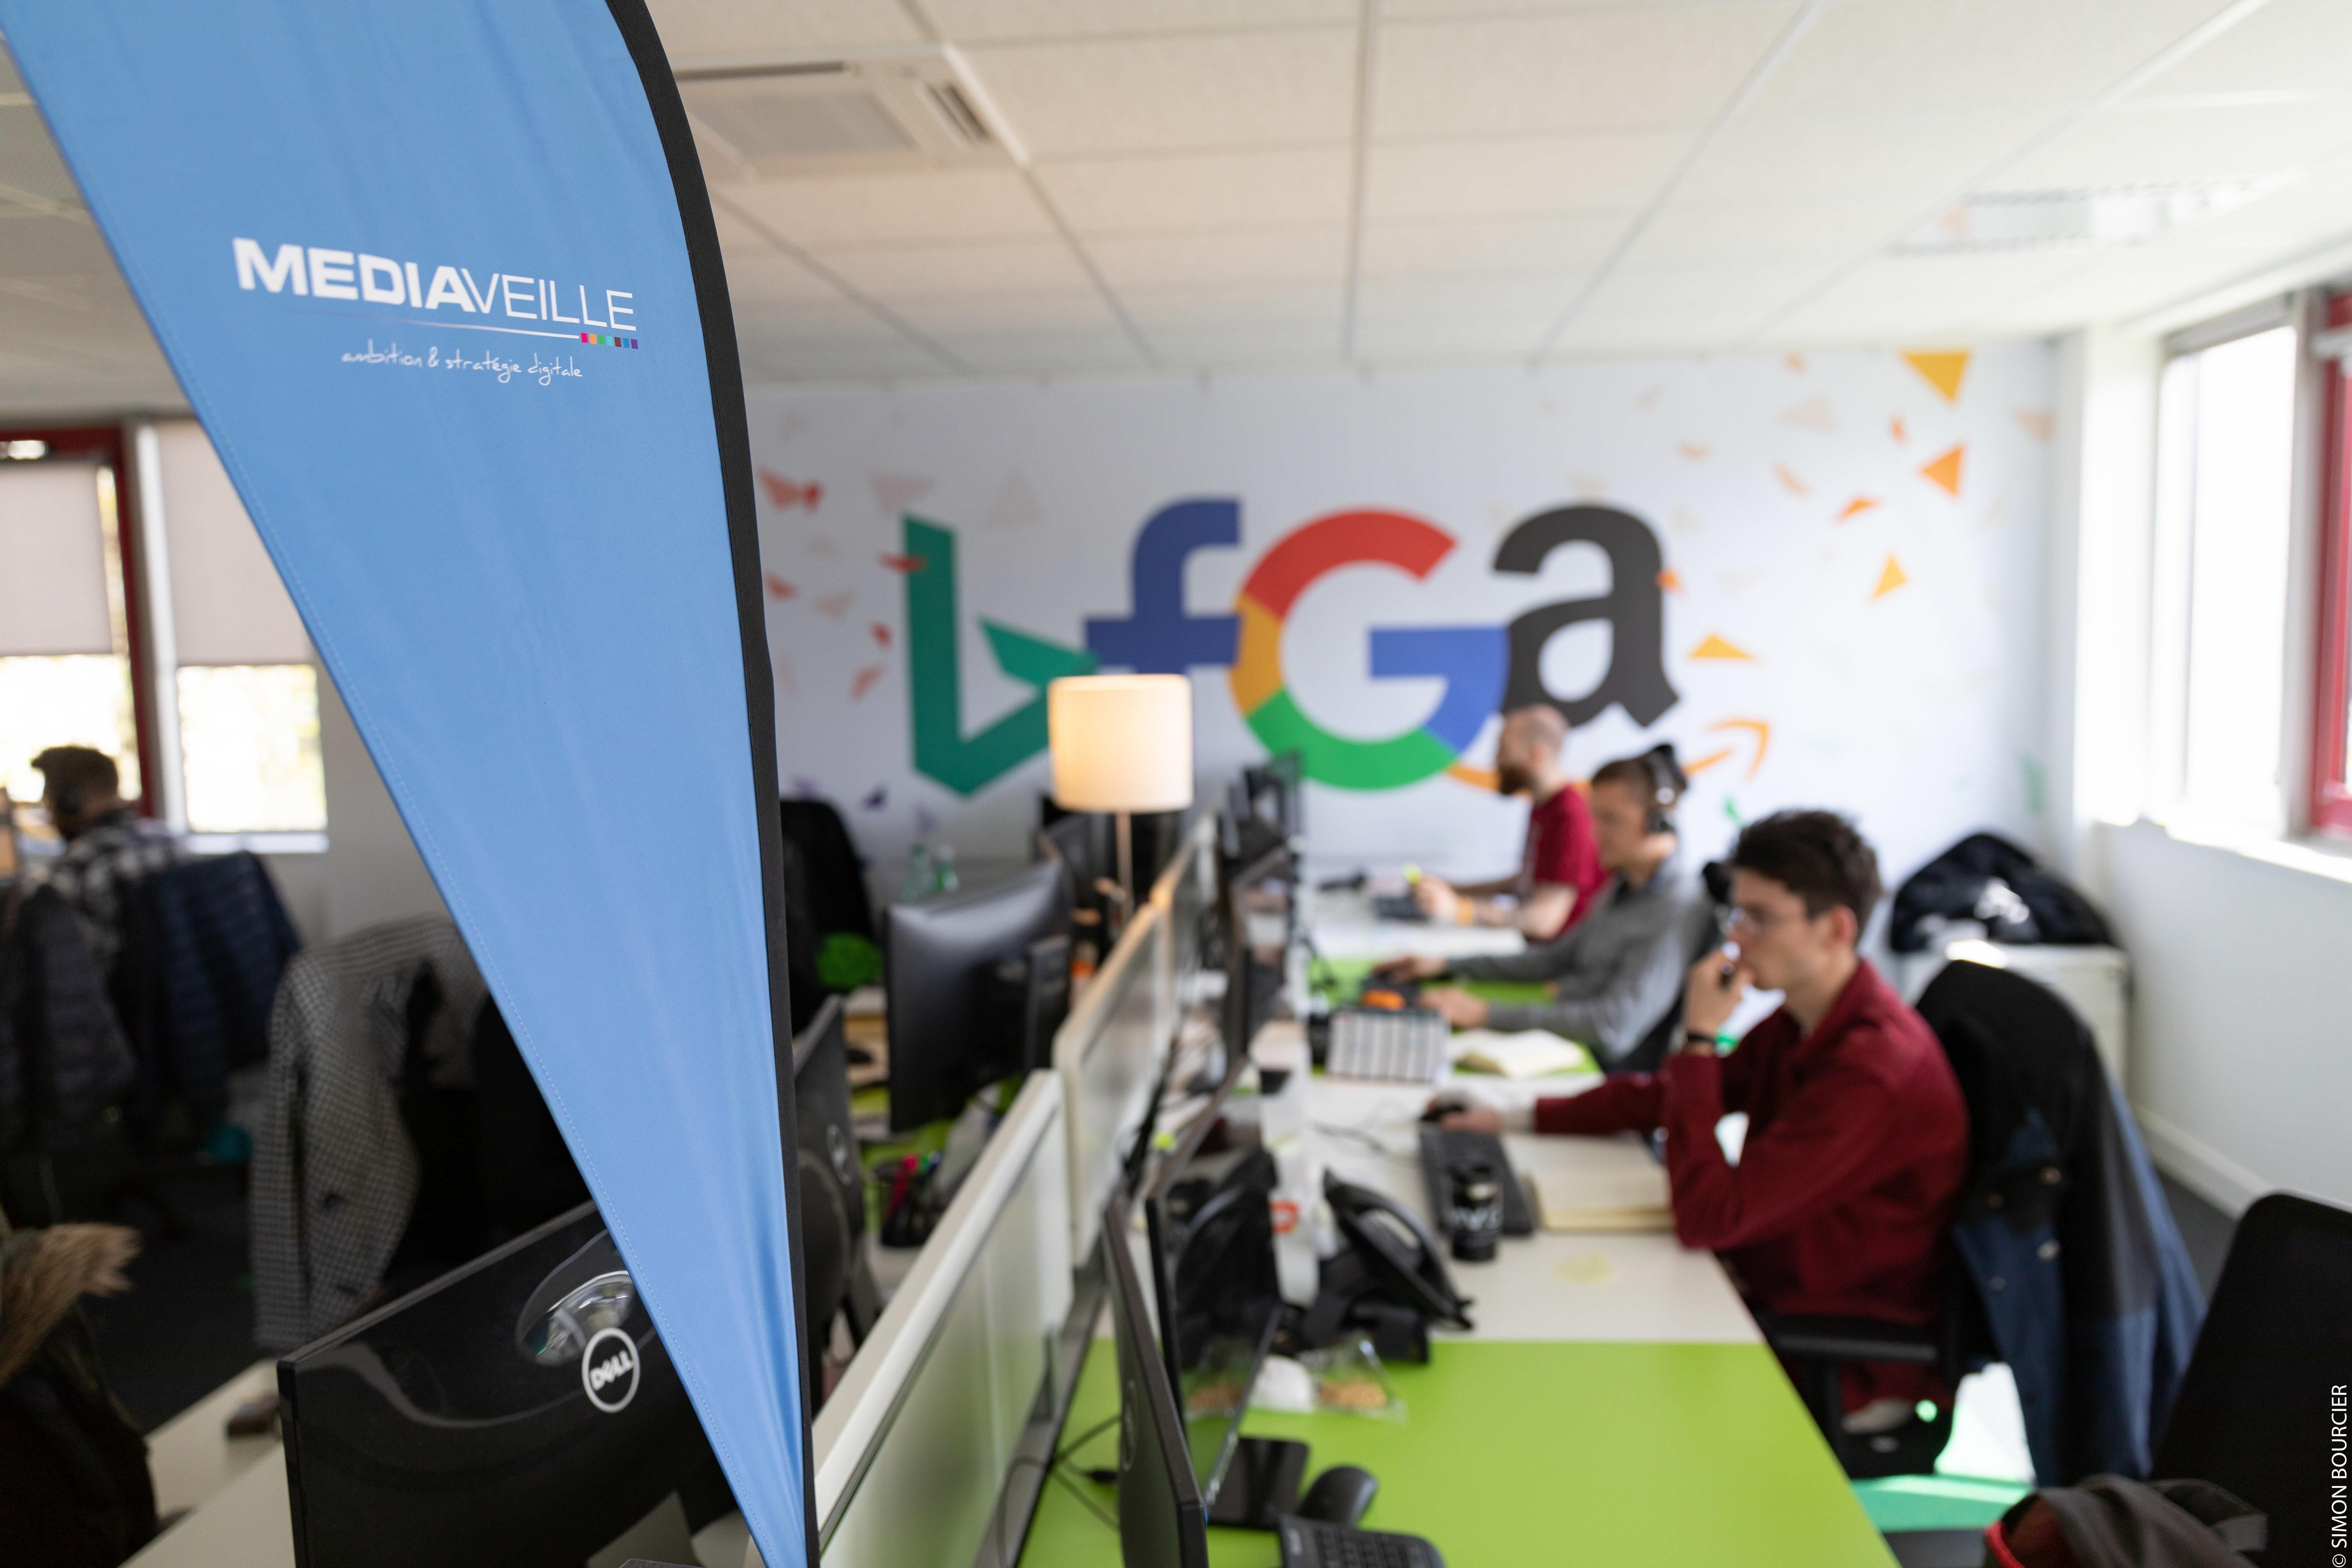 Collaborateurs Mediaveille à leur bureau, avec drapeau bleu et logo Mediaveille au premier plan